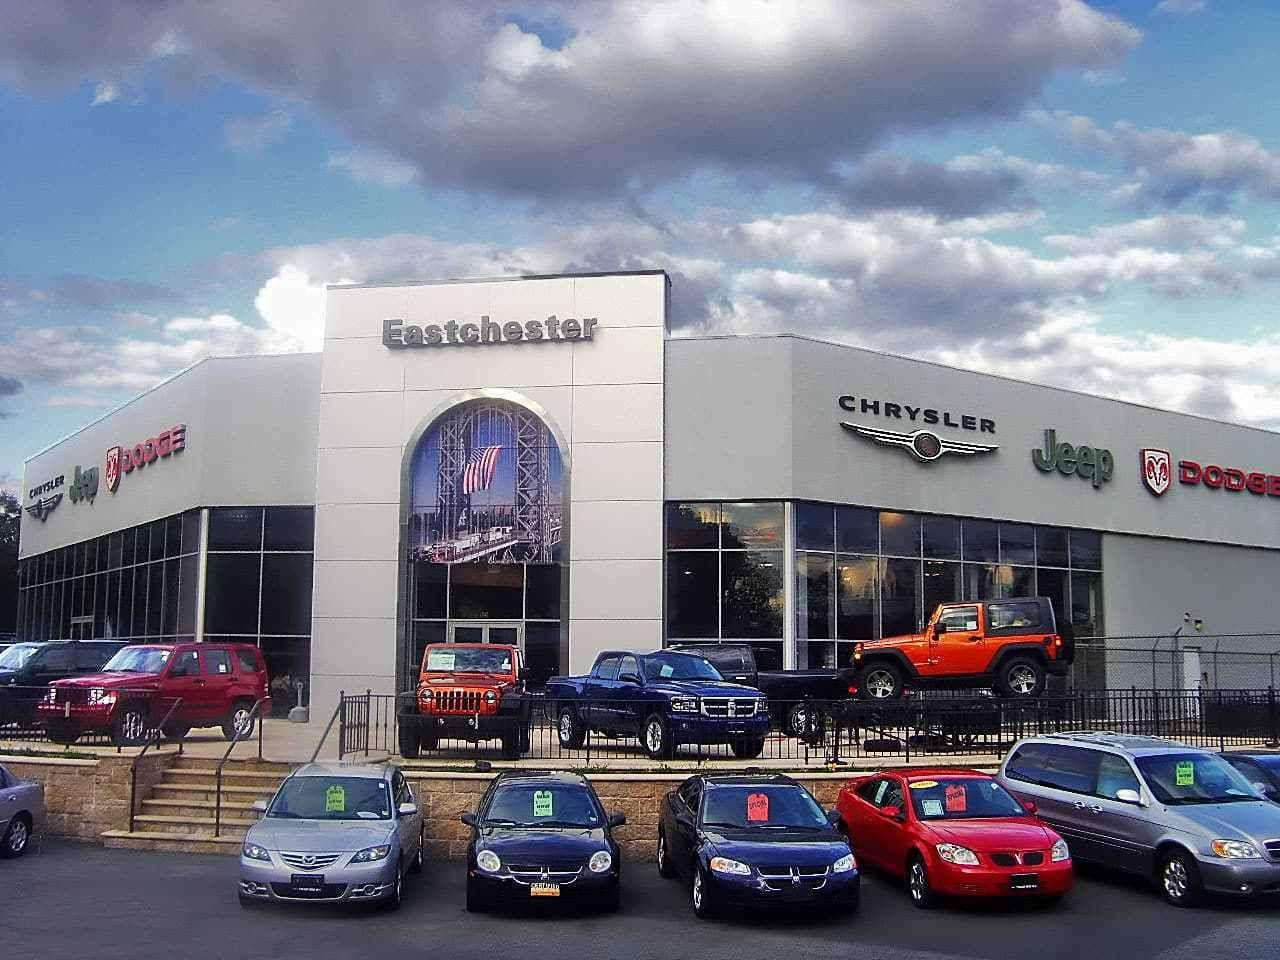 Best Eastchester Chrysler Jeep Dodge | Jeep | Pinterest | Jeep dodge